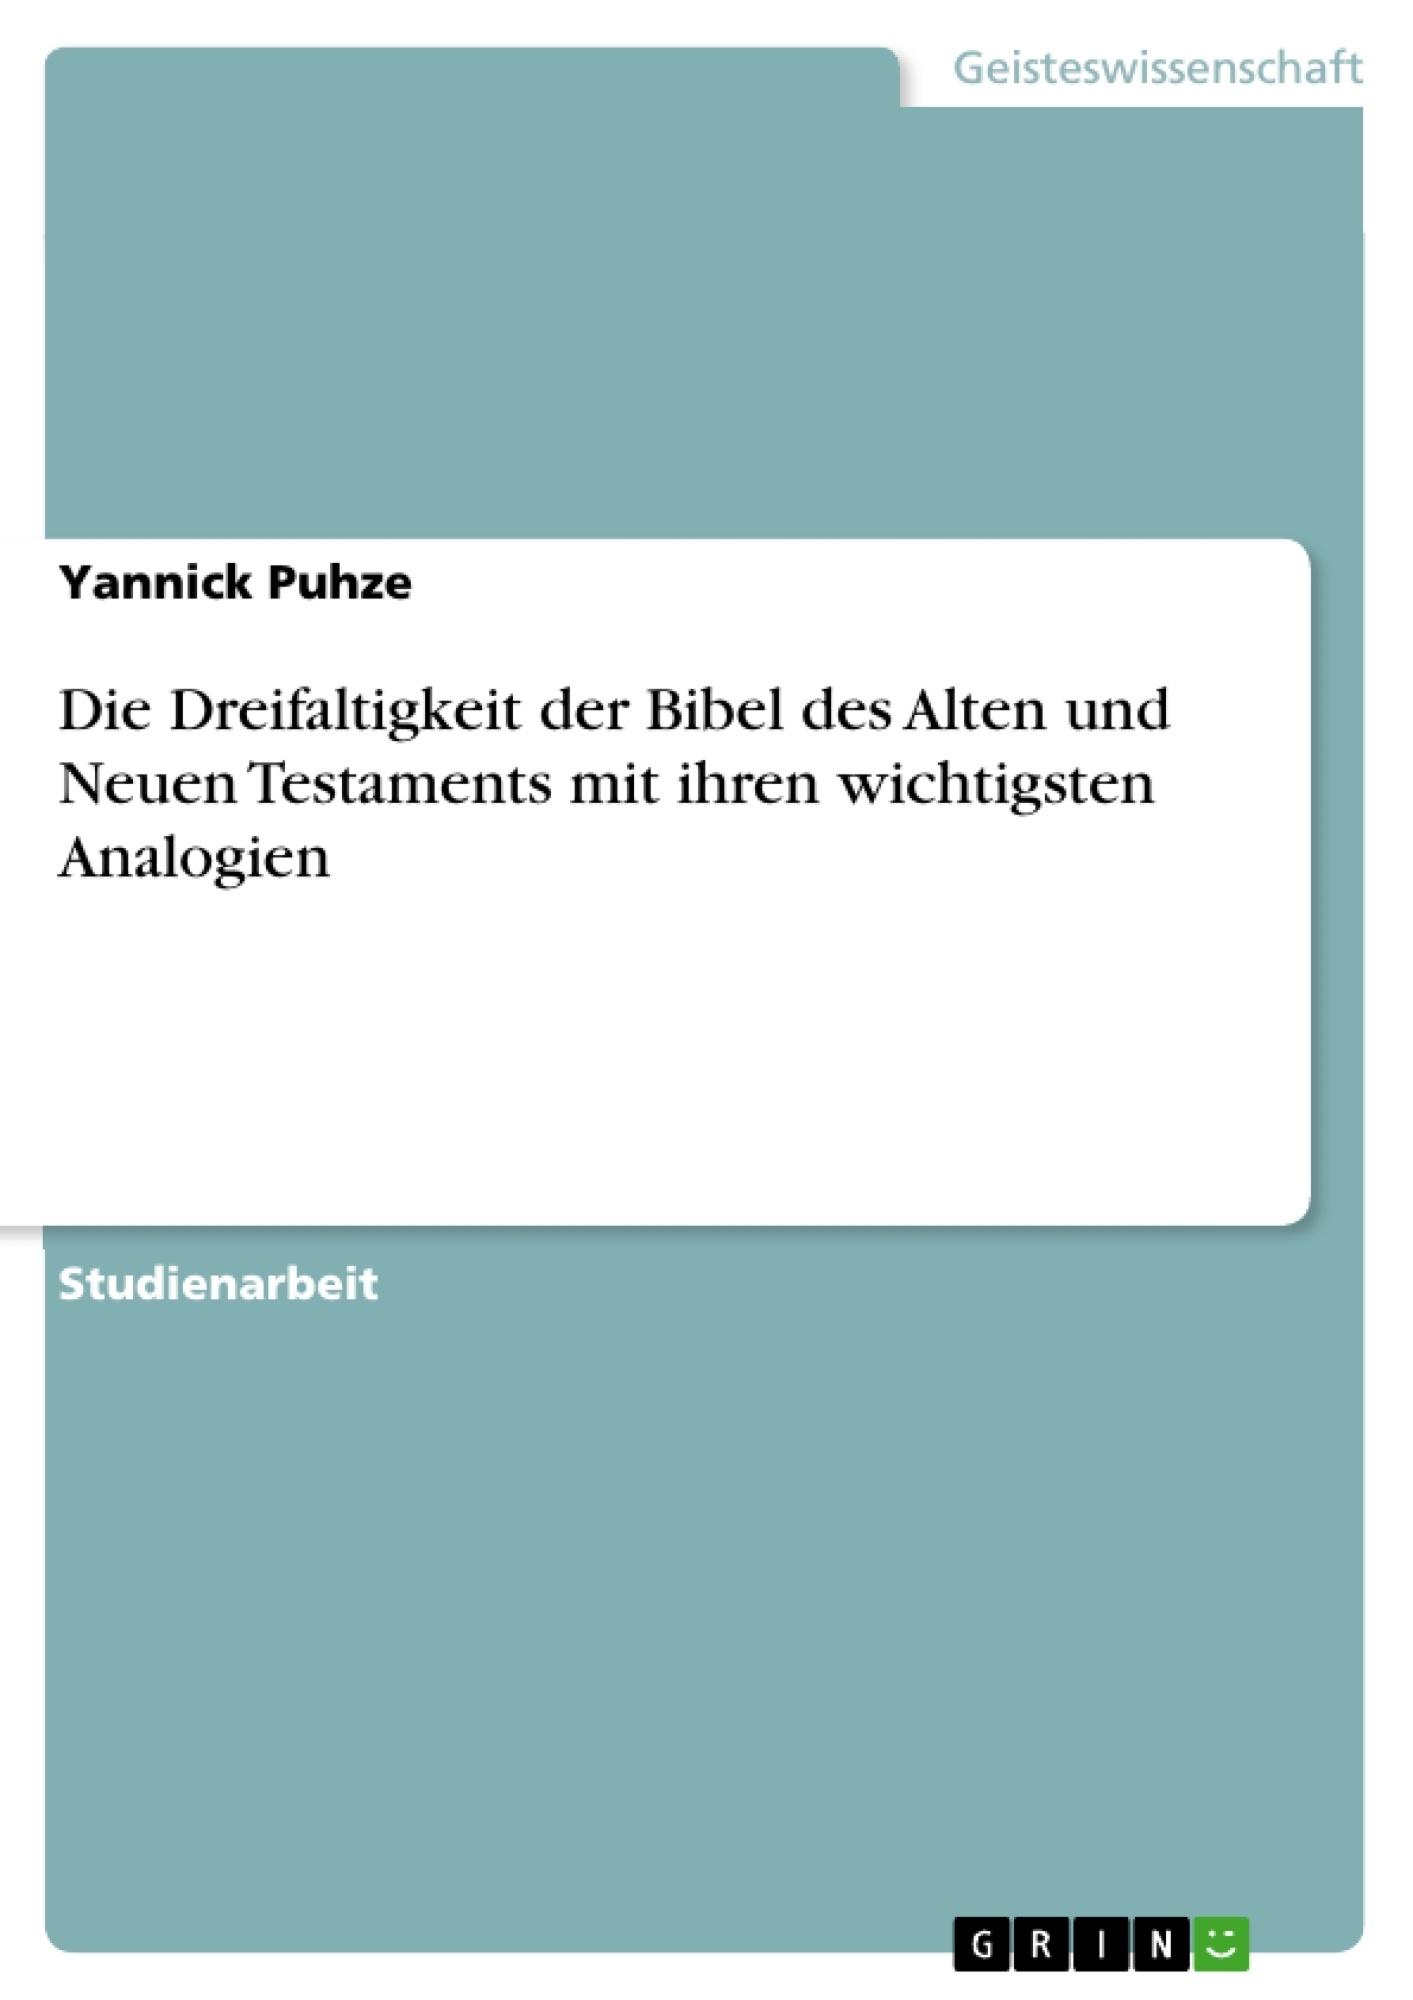 Titel: Die Dreifaltigkeit der Bibel des Alten und Neuen Testaments mit ihren wichtigsten Analogien